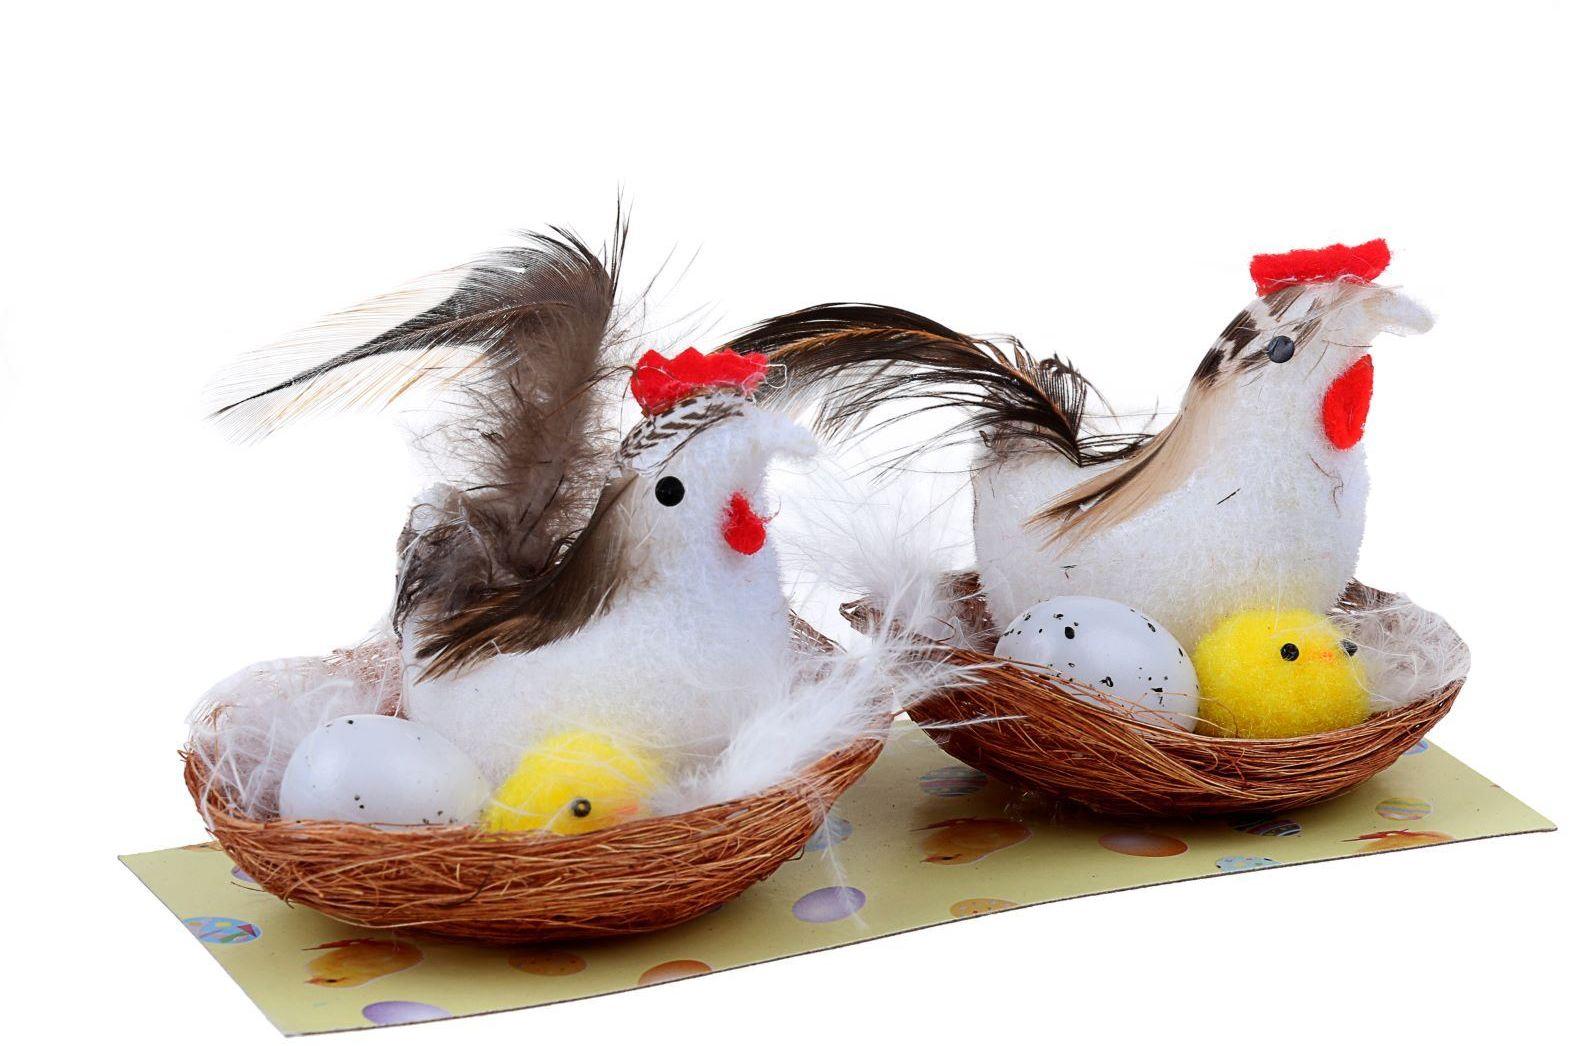 Сувенир пасхальный Sima-land Утреннее пение с цыпой и яйцом, 2 шт1152511Сувенир (набор 2 шт) Утреннее пение с цыпой и яйцом — самый популярный пасхальный декор. Фигурками цып принято декорировать праздничный пасхальный стол во многих странах мира. Россия не исключение.Вы можете украсить таким замечательным сувениром тарелку гостей, превратив её в гнездо. Или преподнести его в качестве подарка близкому человеку. Удивите себя и родных!